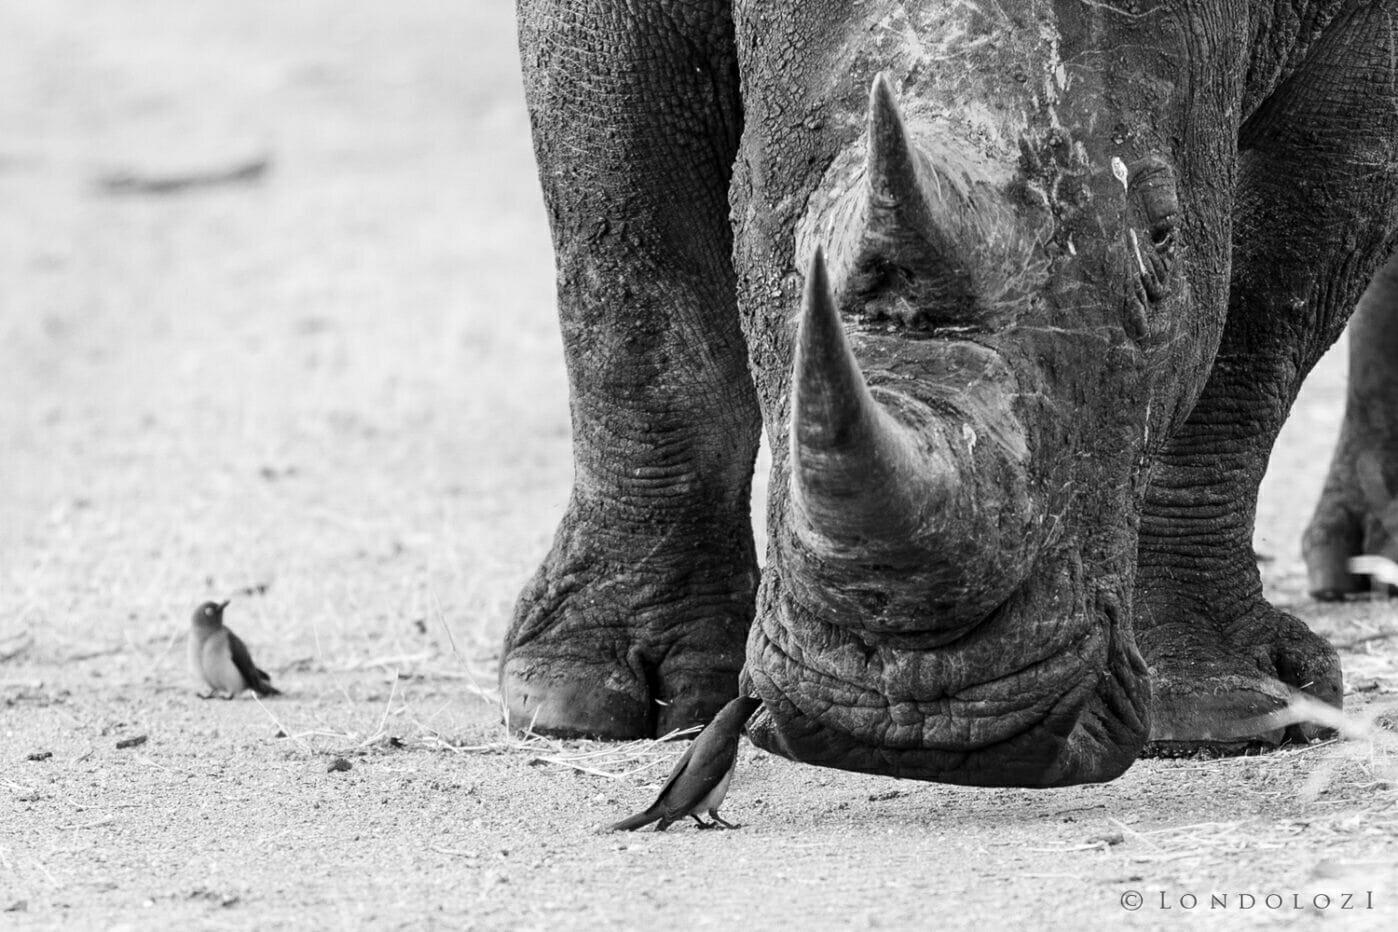 Gb Rhino and oxpecker